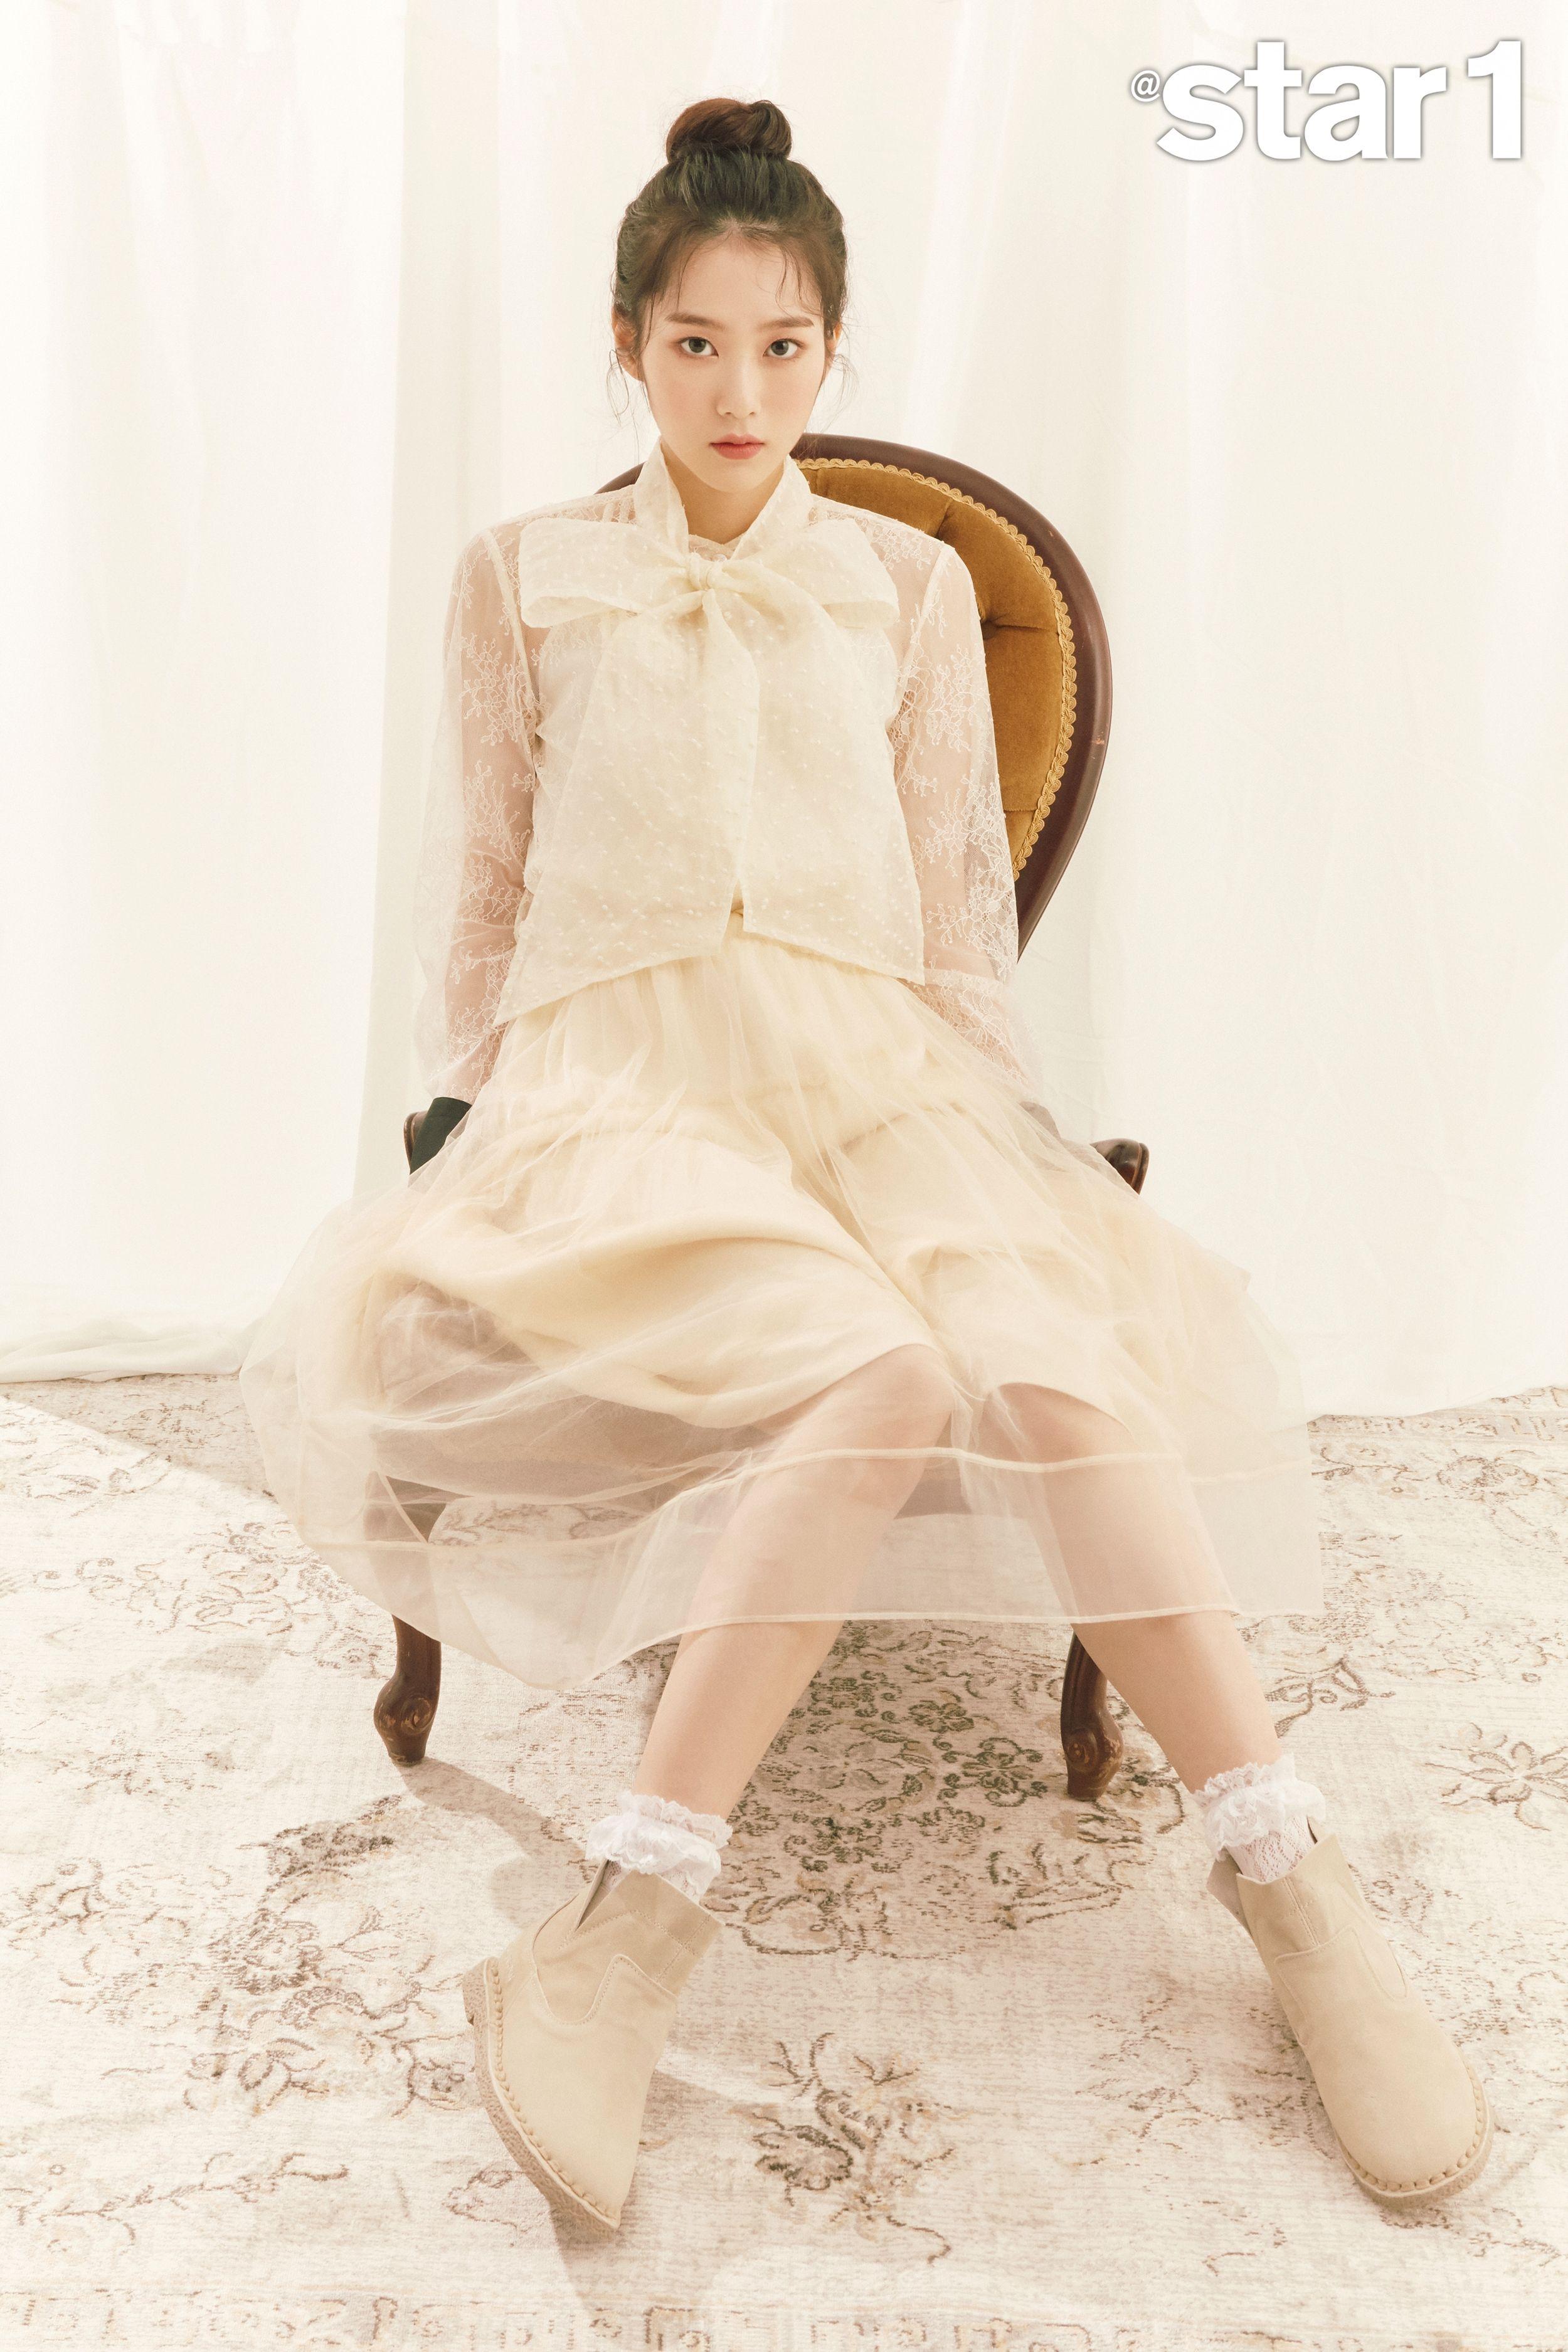 jiho photoshoot 19